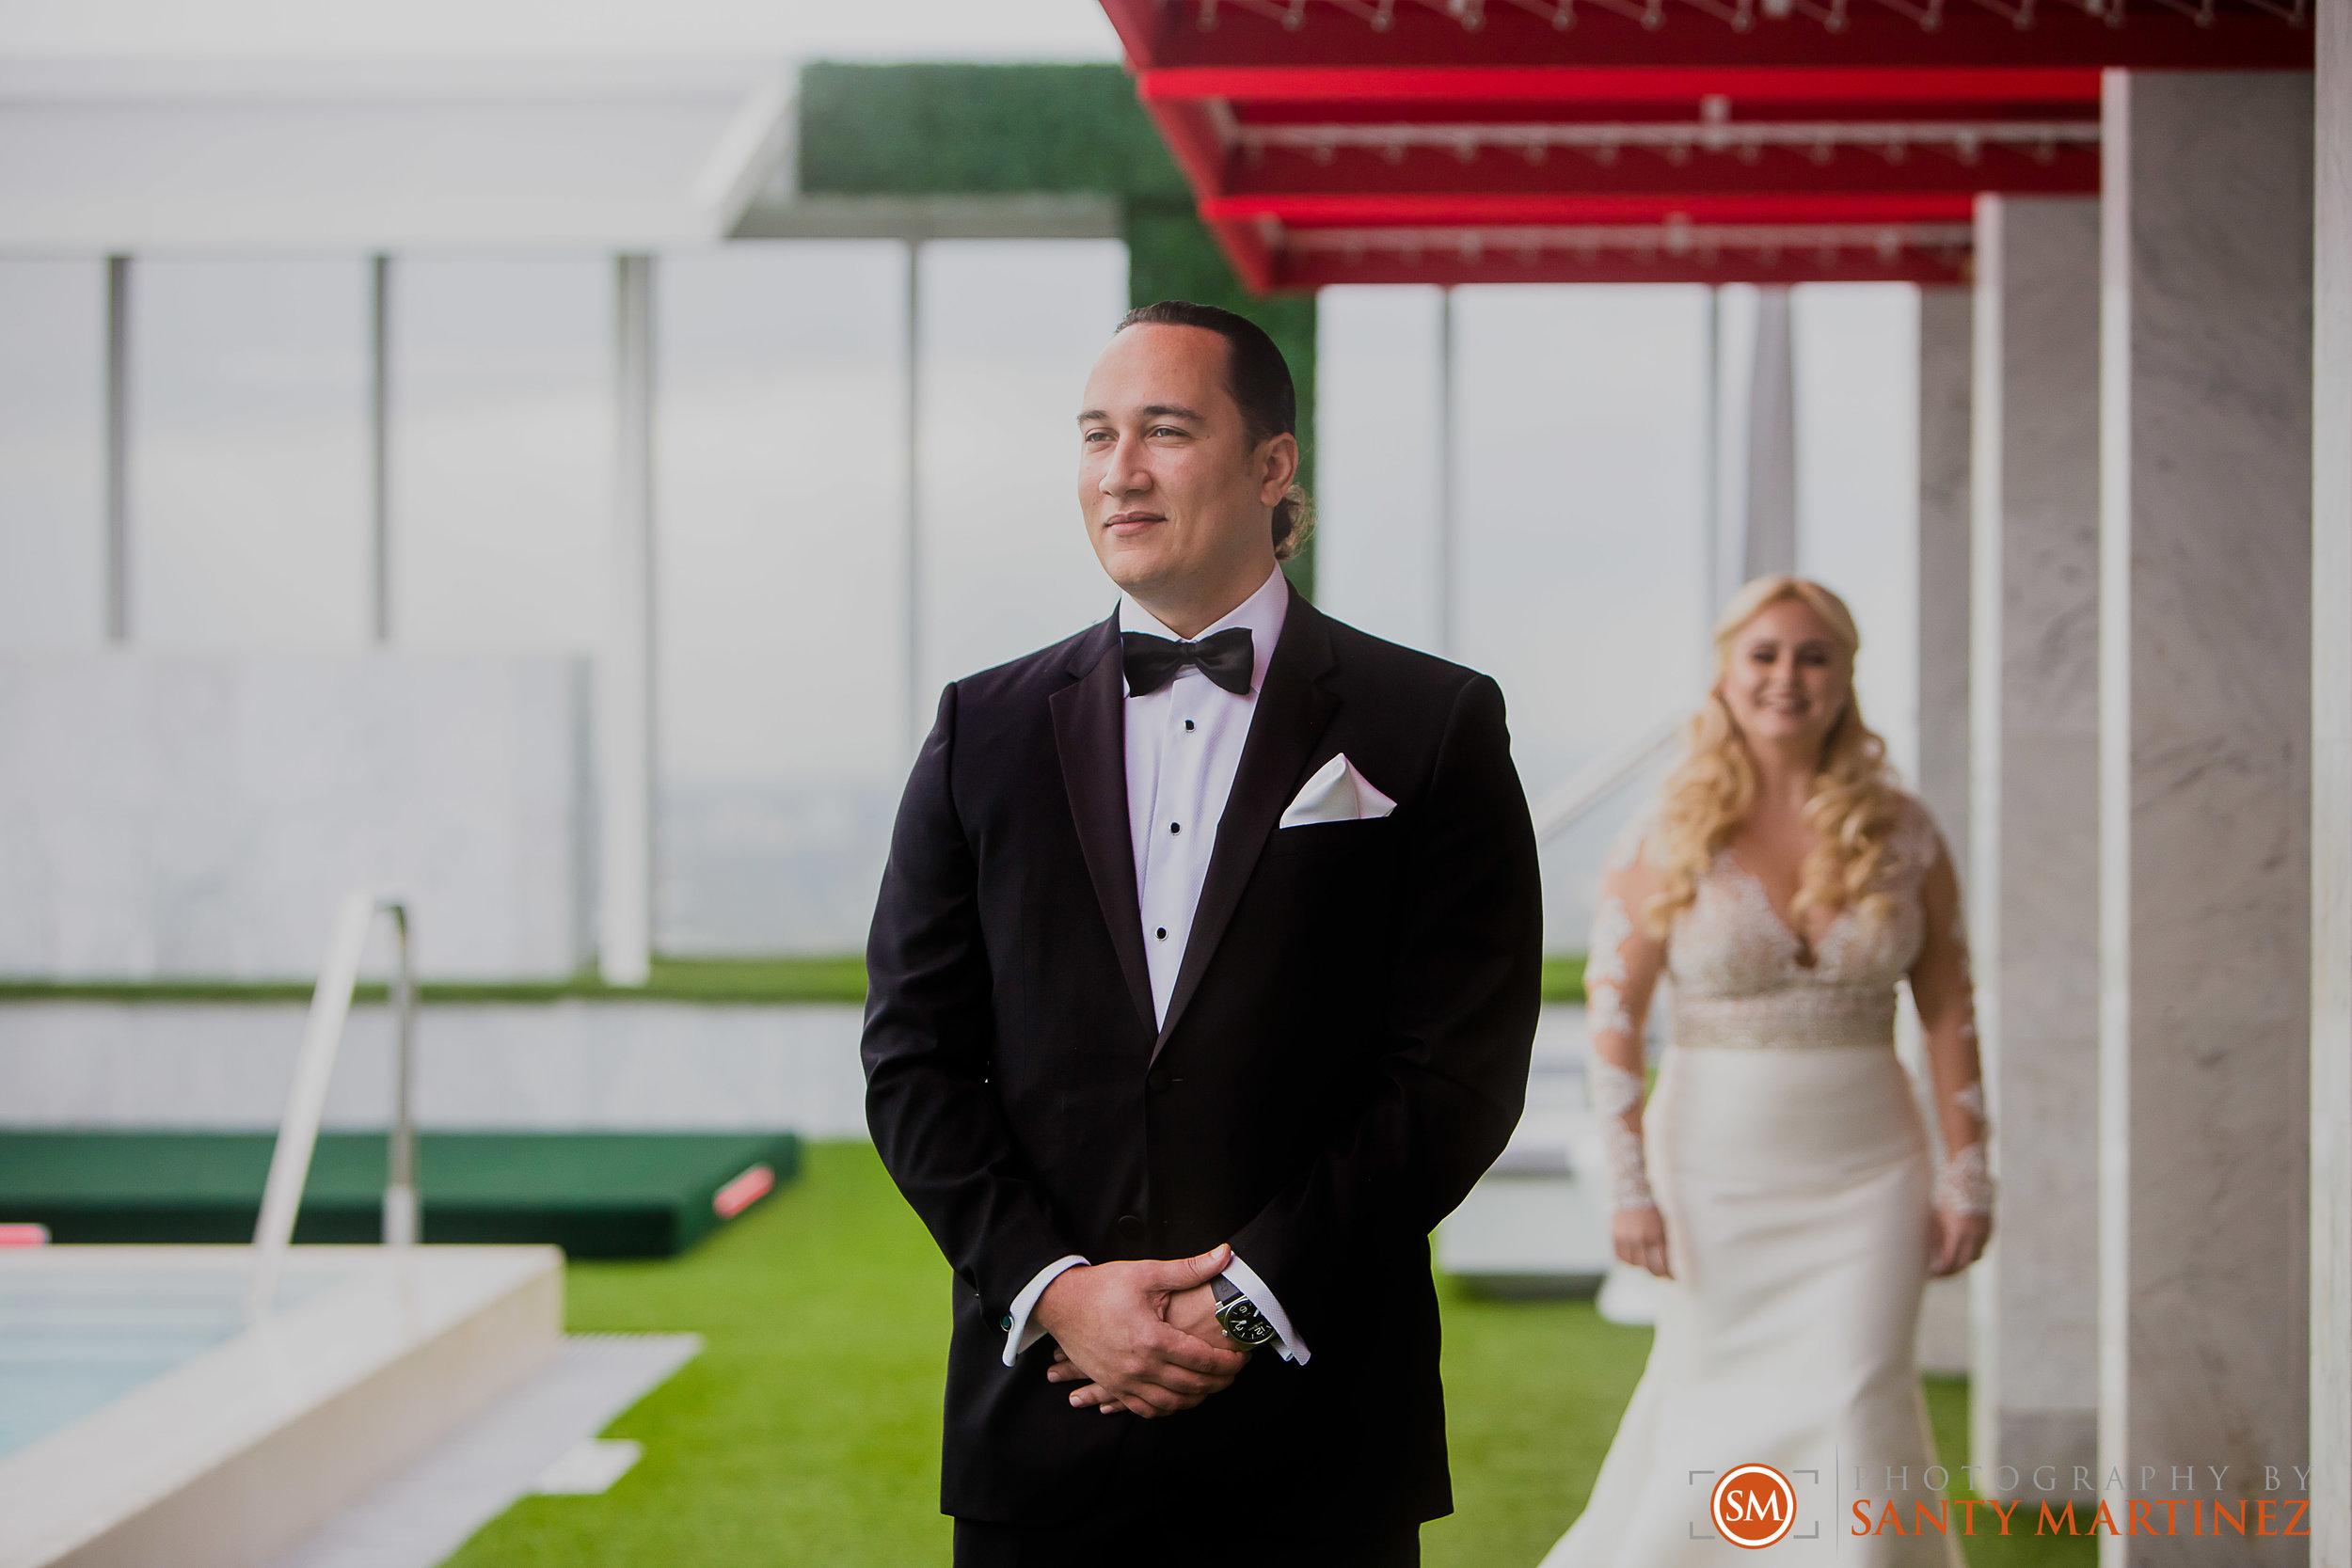 Wedding - W Hotel - St Patrick Miami Beach - Santy Martinez Photography-11.jpg